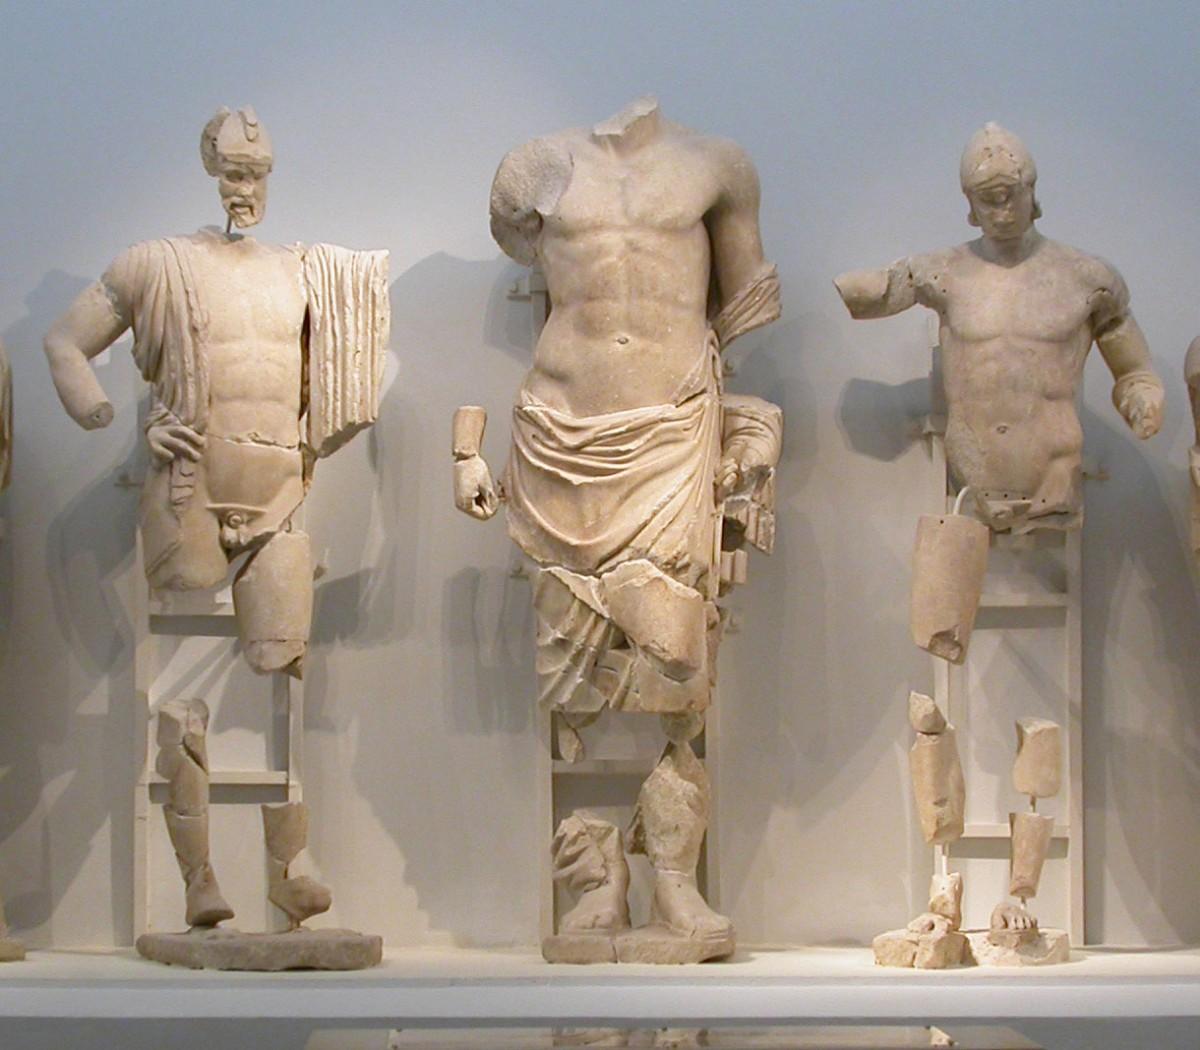 Εικ. 7. Οινόμαος, Ζευς, Πέλοψ από το ανατολικό αέτωμα του ναού του Δία στην Ολυμπία. Αρχαιολογικό Μουσείο Ολυμπίας.